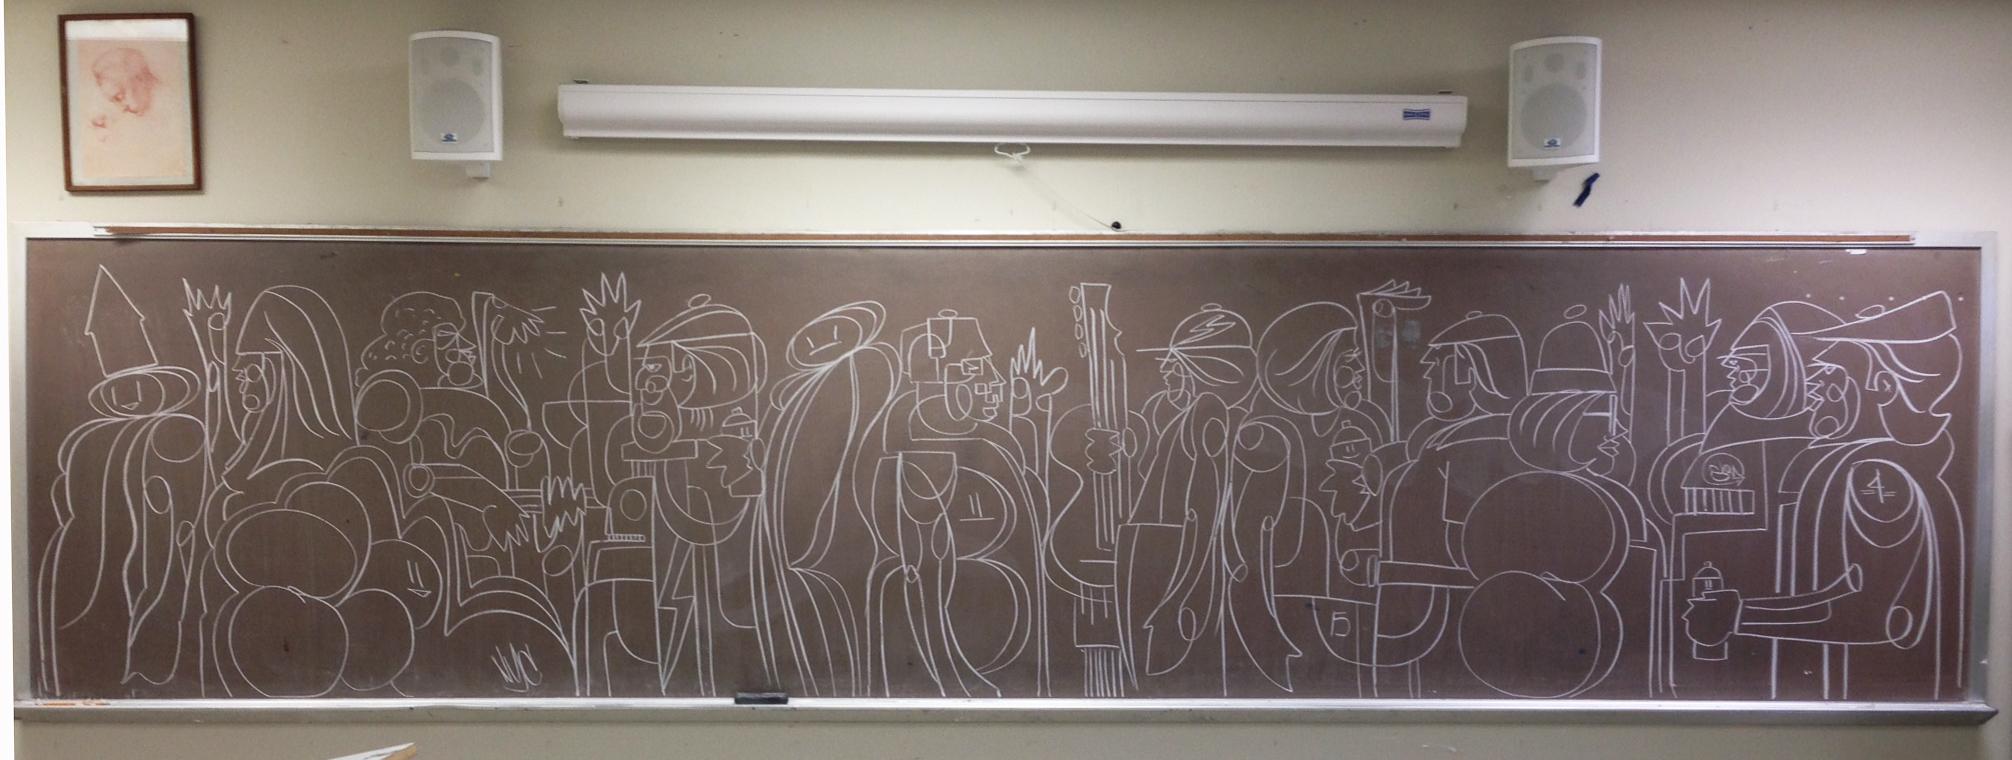 Chalkboard-Hit-654